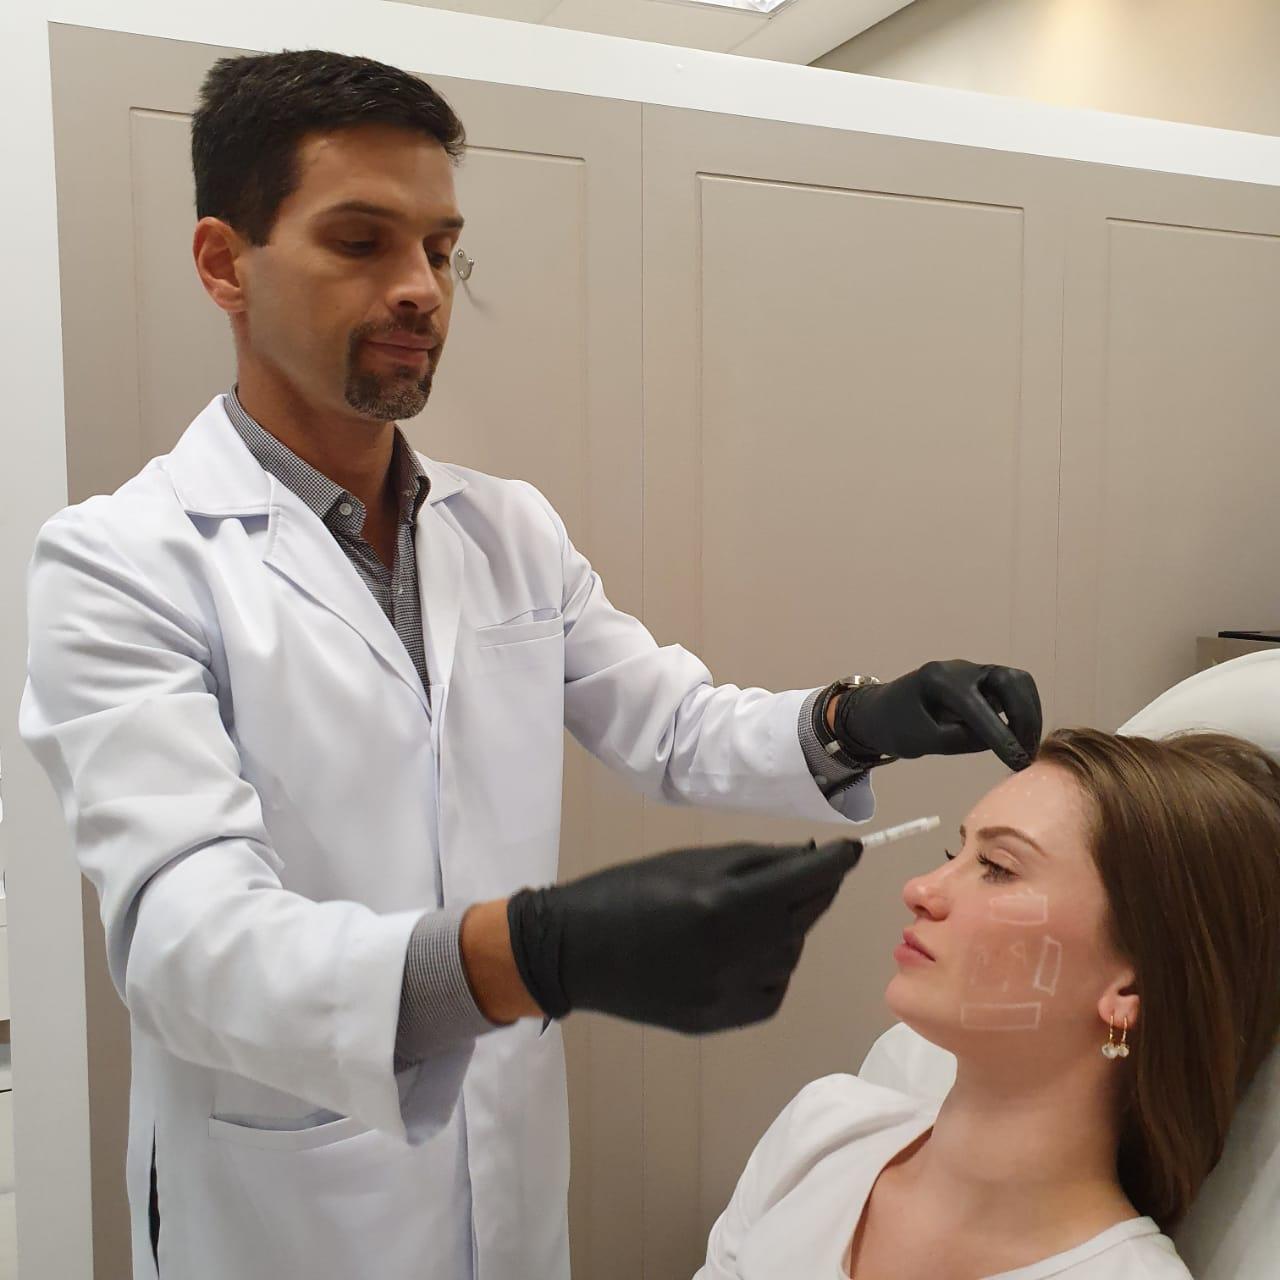 procedimentos faciais sem cirurgias plásticas